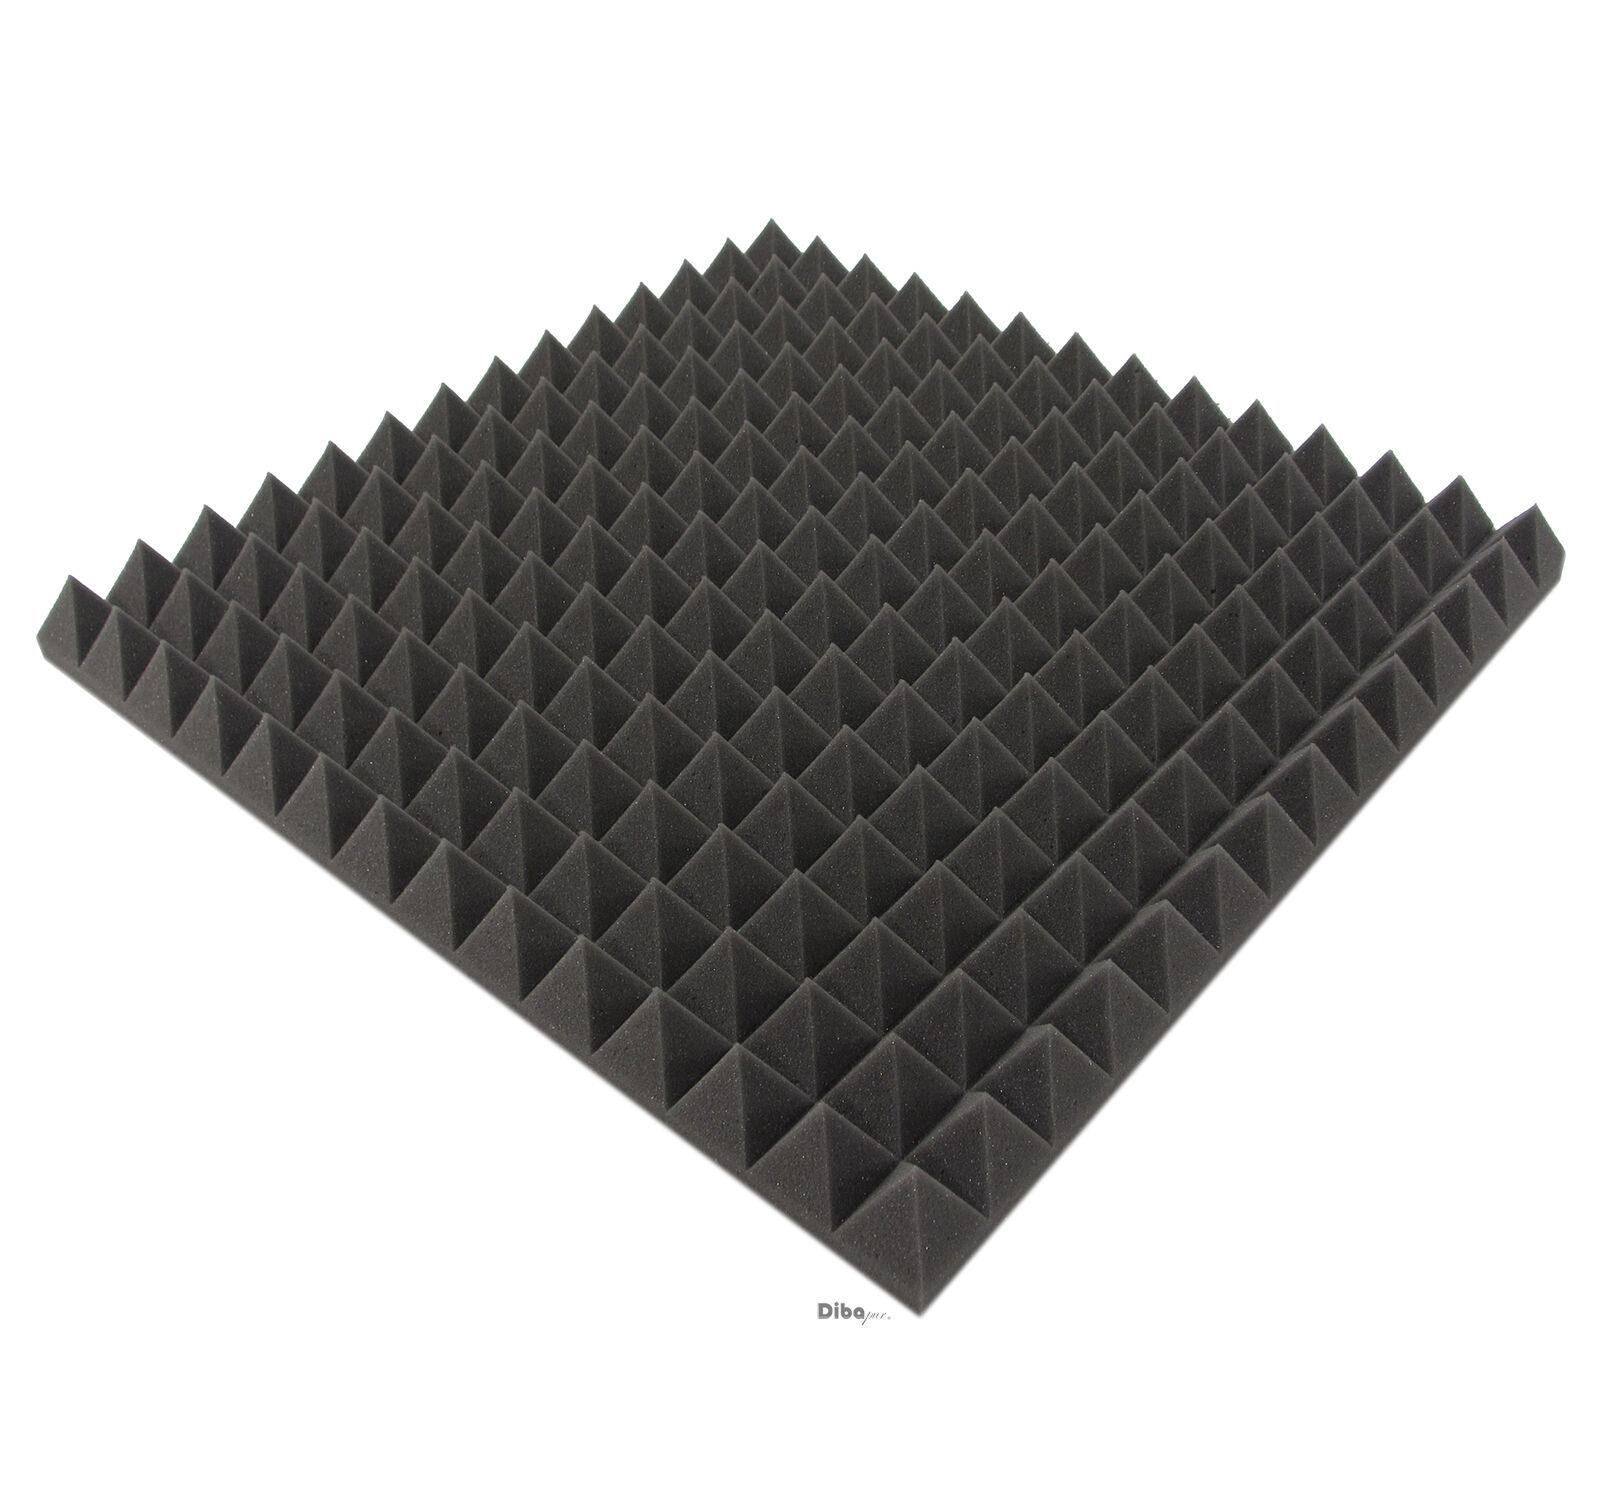 Schallschutz lärmschutz antidröhnmatten Akustik dämmmatten 25m²